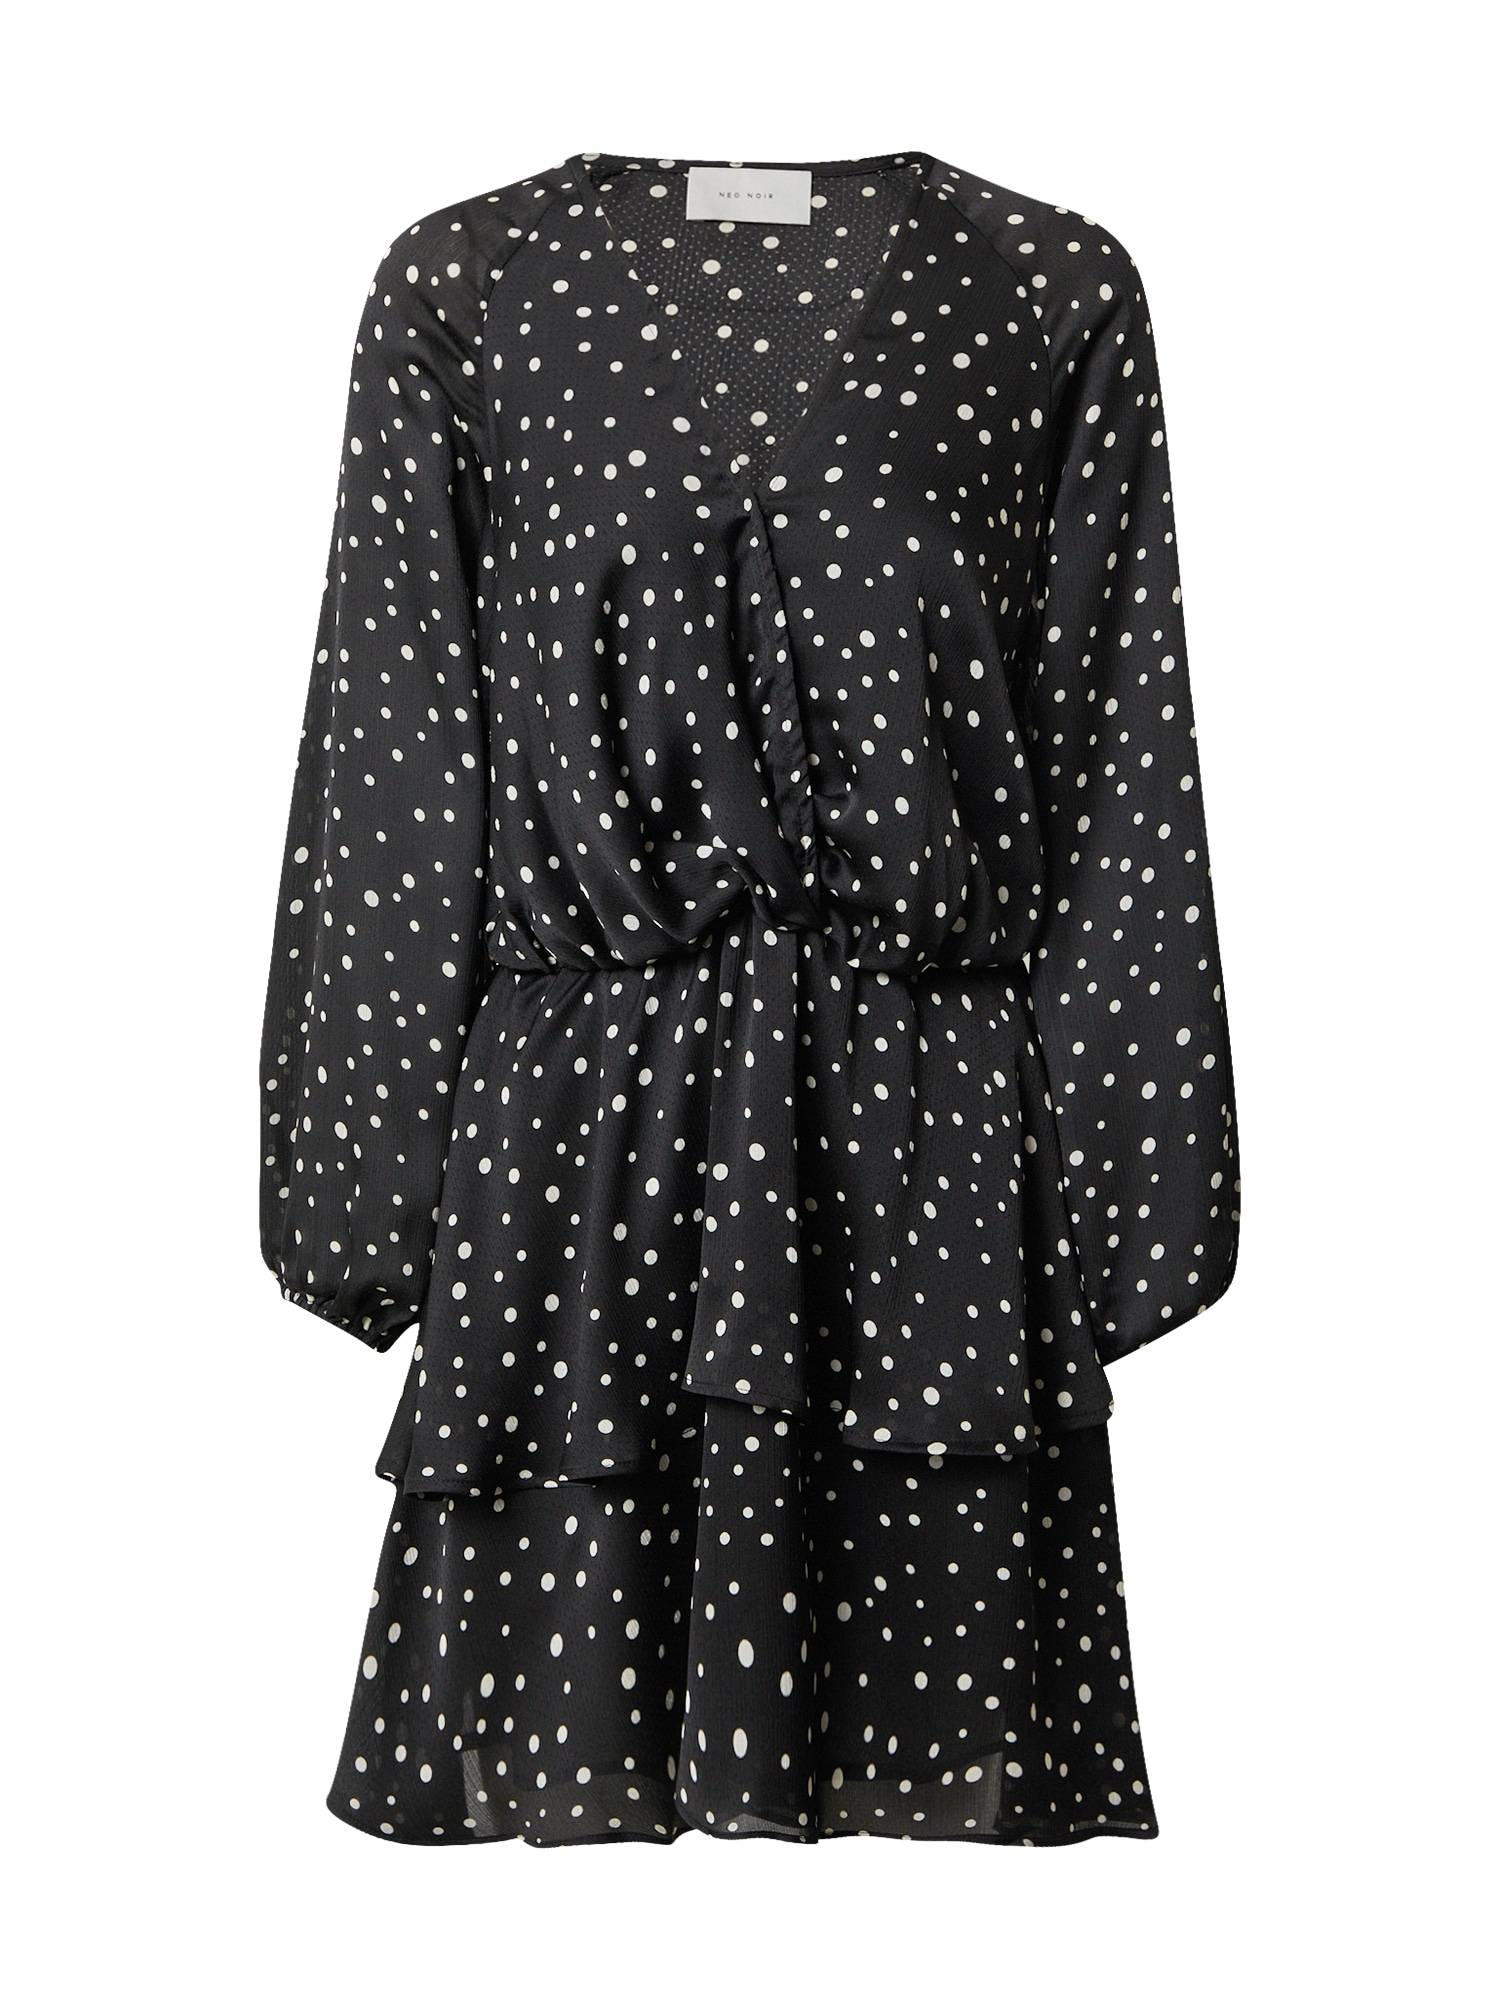 Neo Noir Robe 'Aurora'  - Noir - Taille: S - female